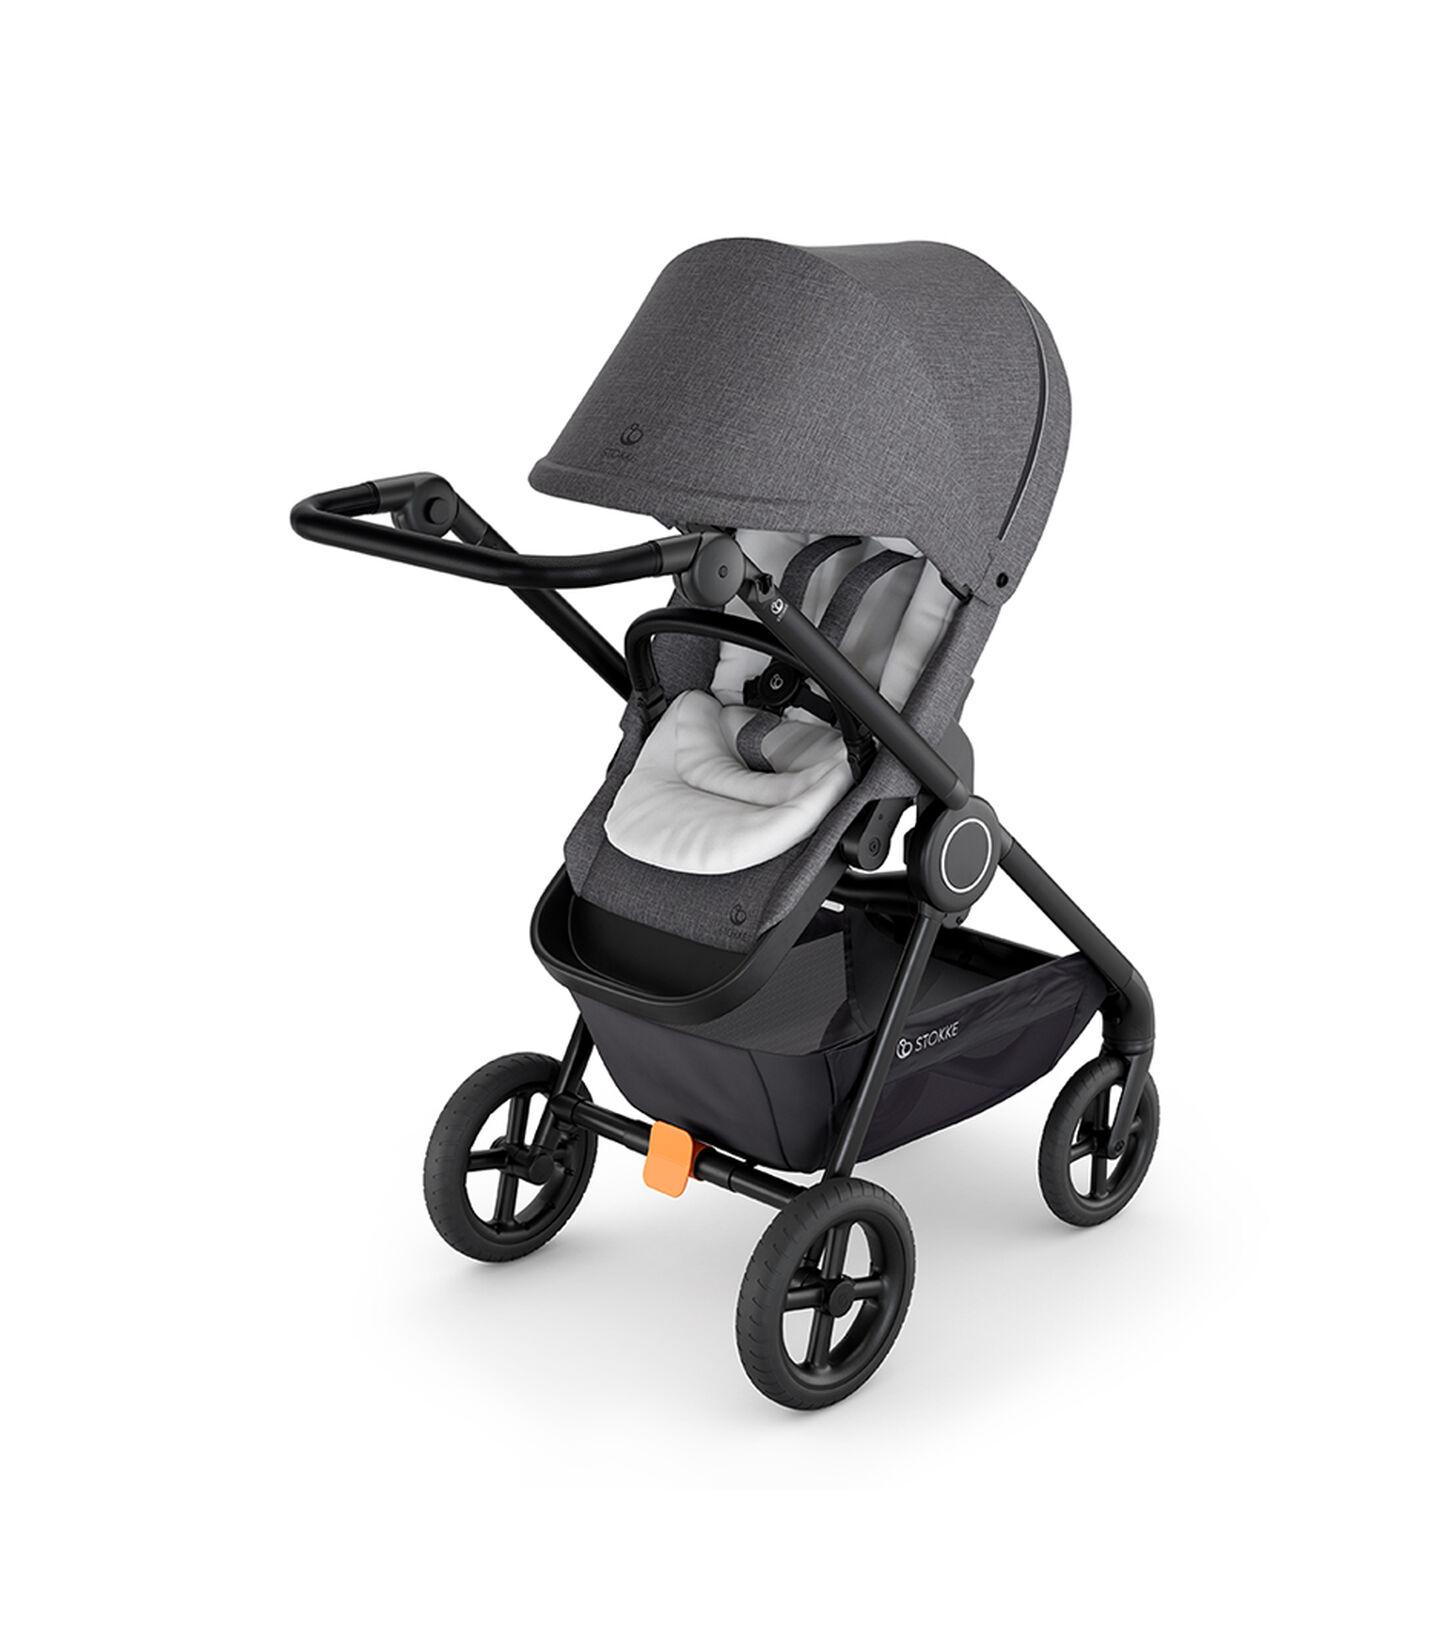 Stokke® Sitzverkleinerer für Kinderwagen, , mainview view 1